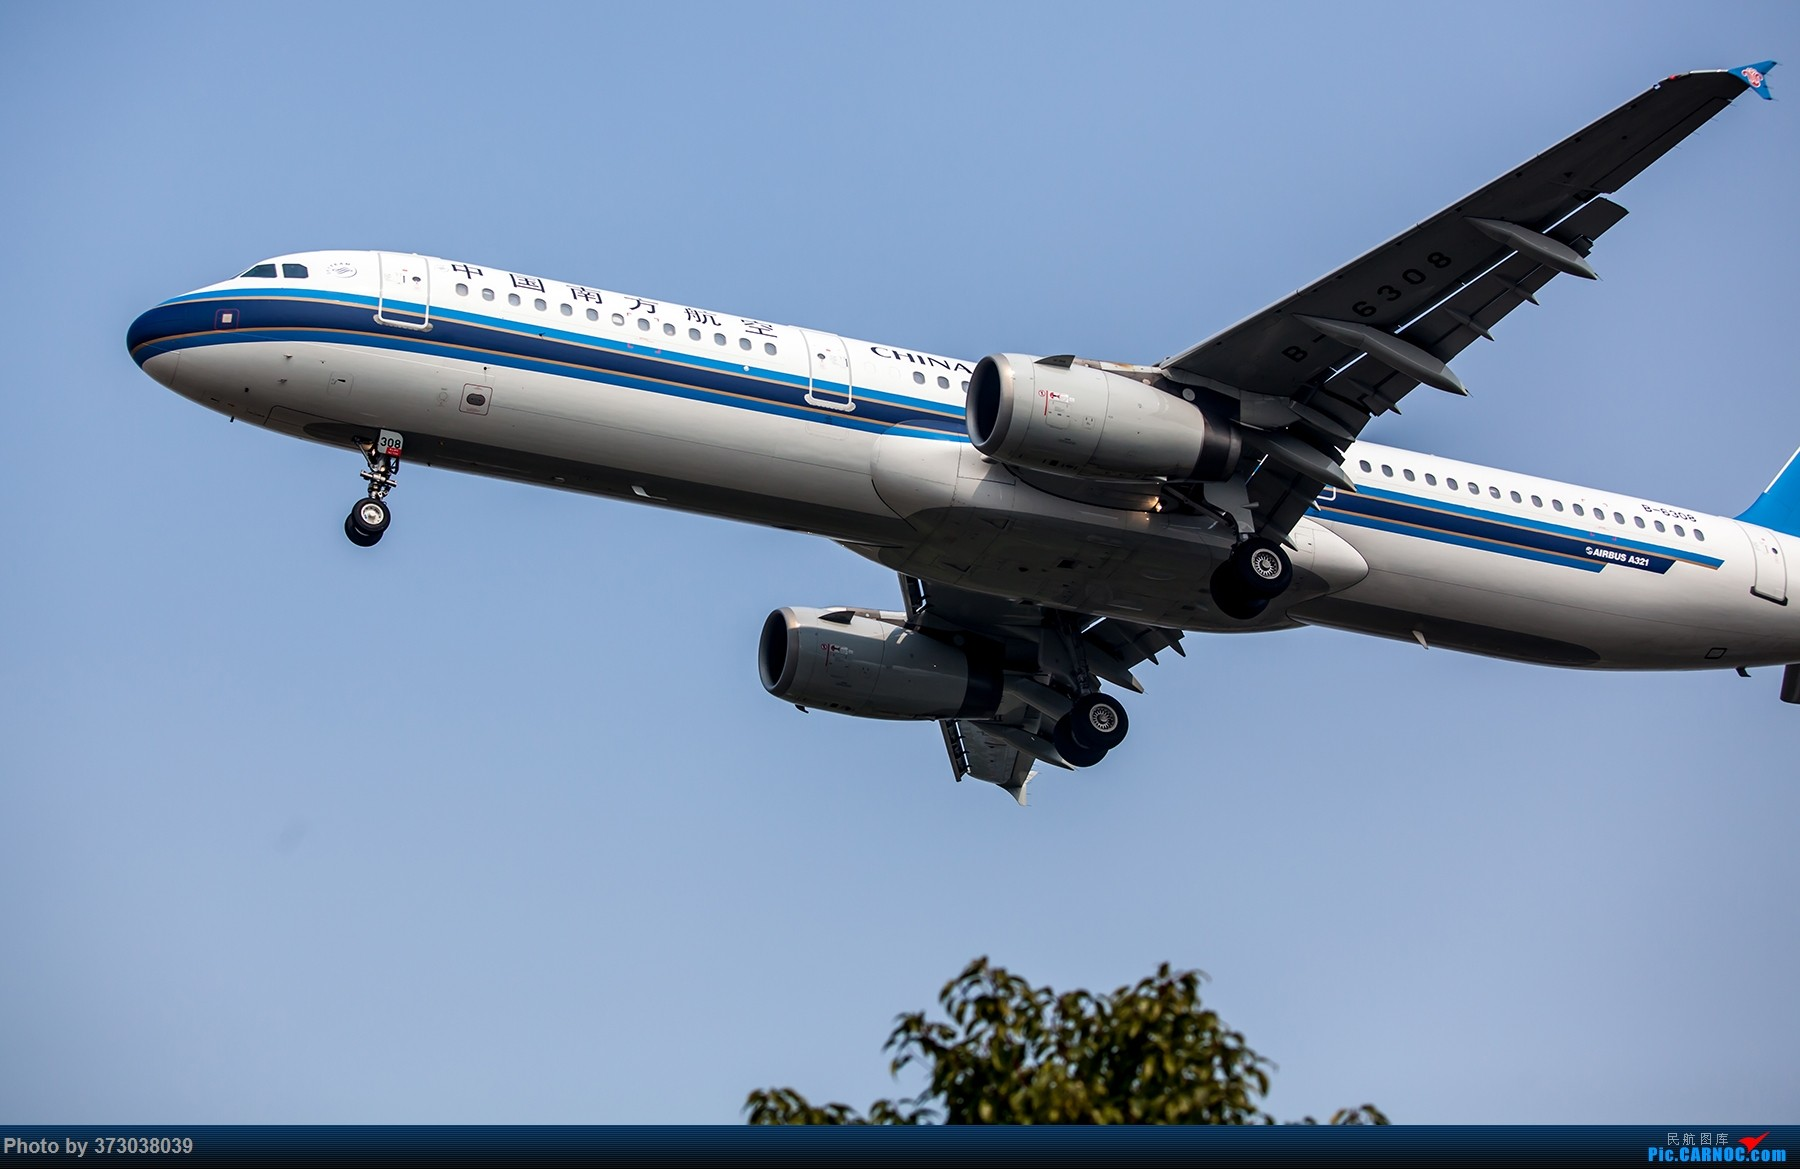 Re:[原创]【杭州飞友会】A320Neo迪士尼杭州萧山机场拍机班门弄斧记 AIRBUS A321-200 B-6353 中国杭州萧山国际机场